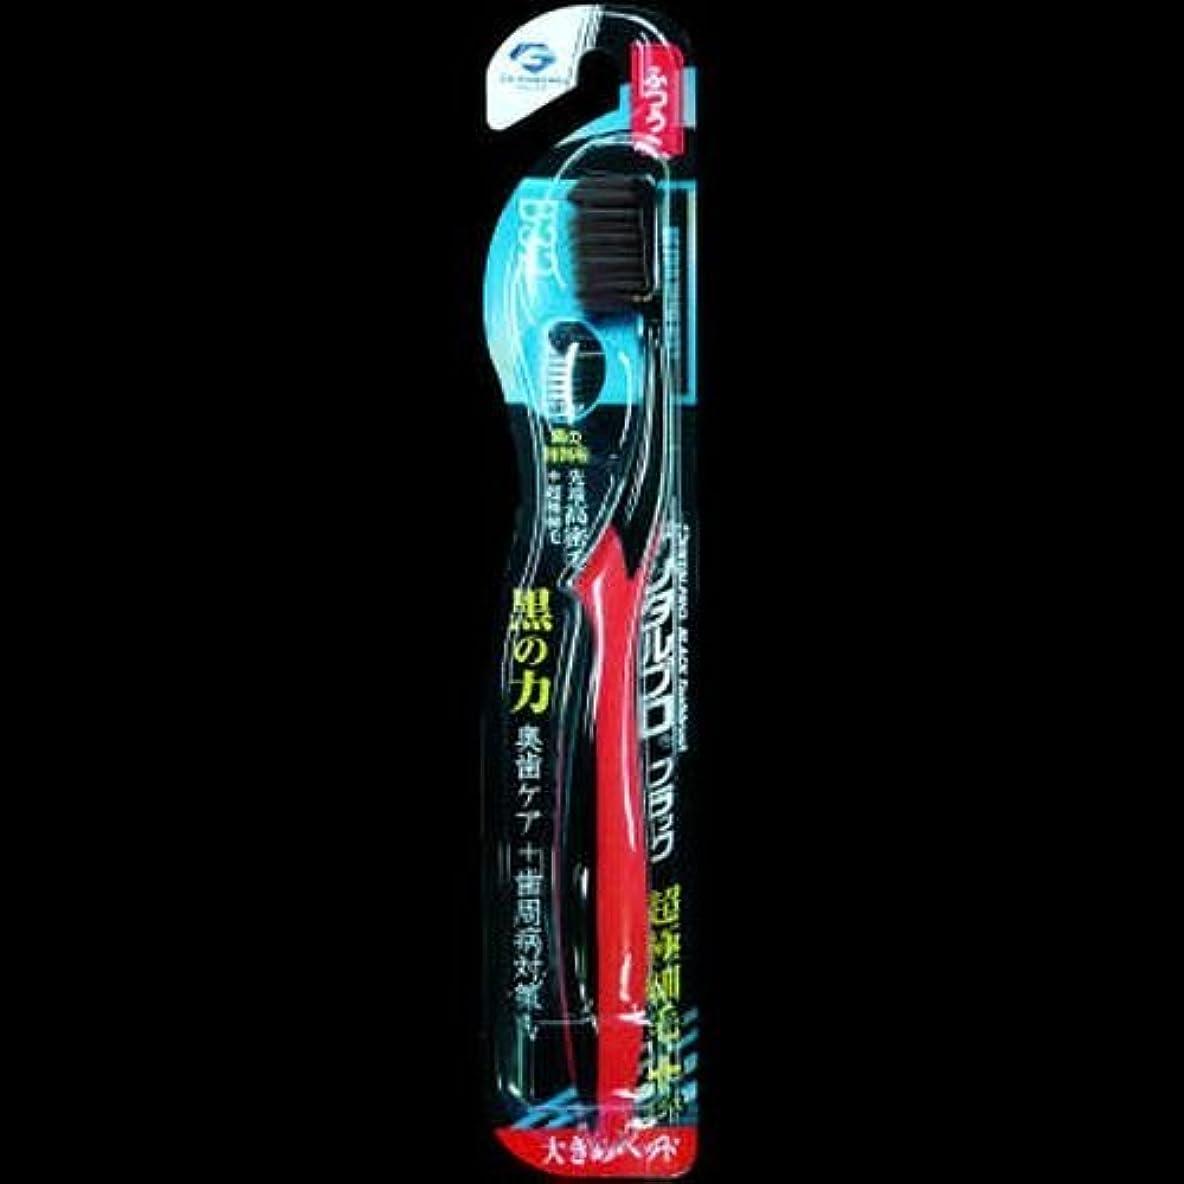 フォームパズルレイプデンタルプロ ブラック歯ブラシ 超極細毛プラス大きめヘッド ふつう ×2セット